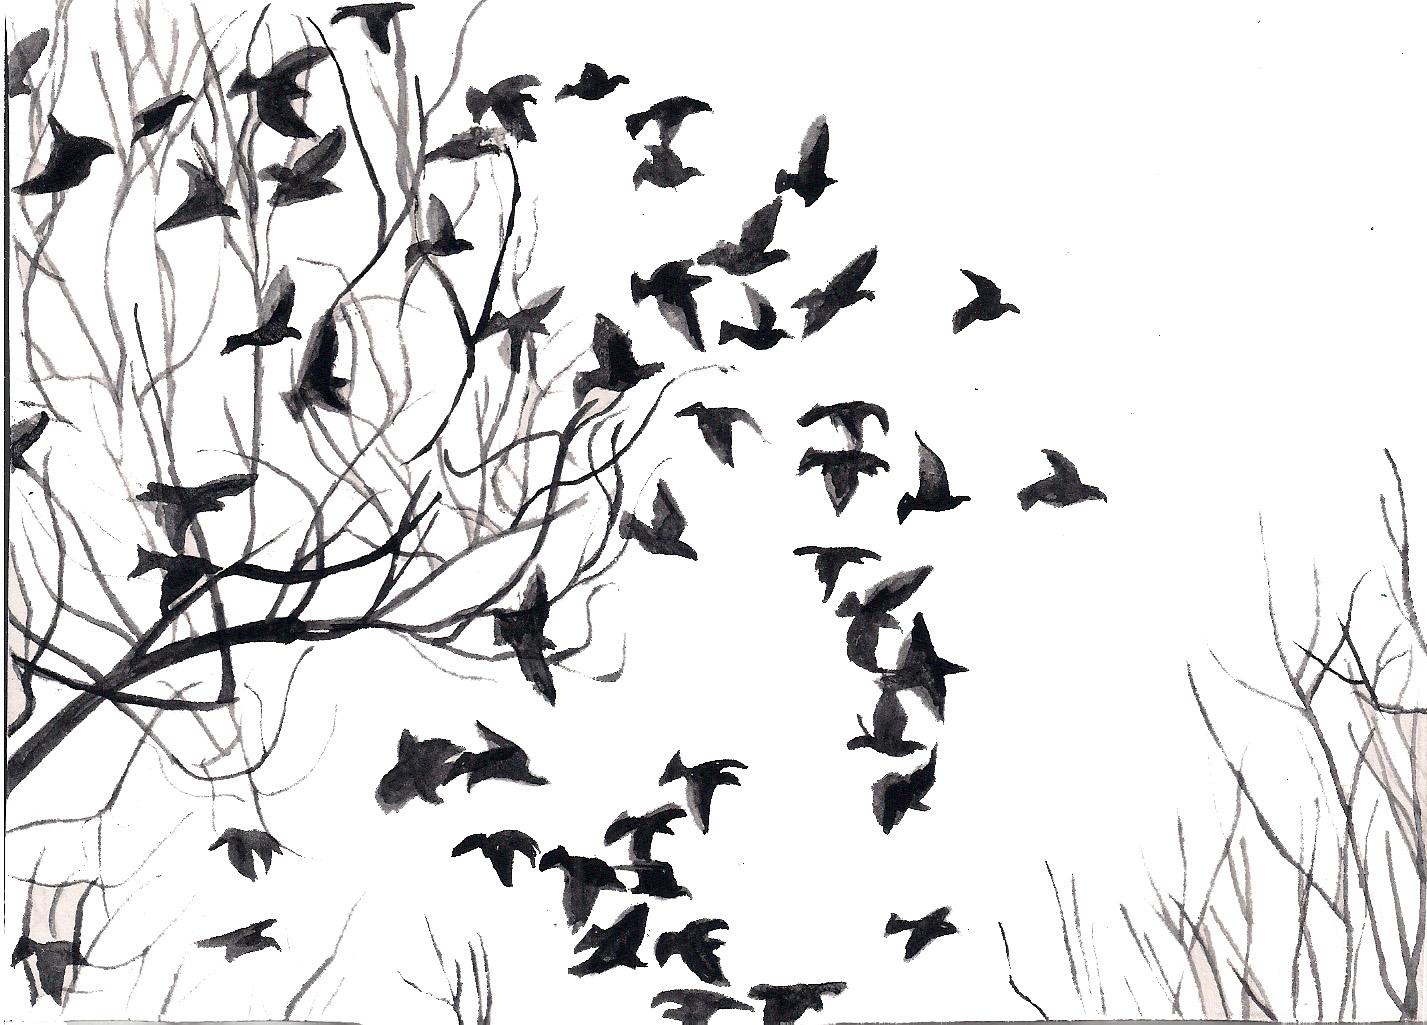 Widescreen Images Collection of Black Bird: Gregorio Inett